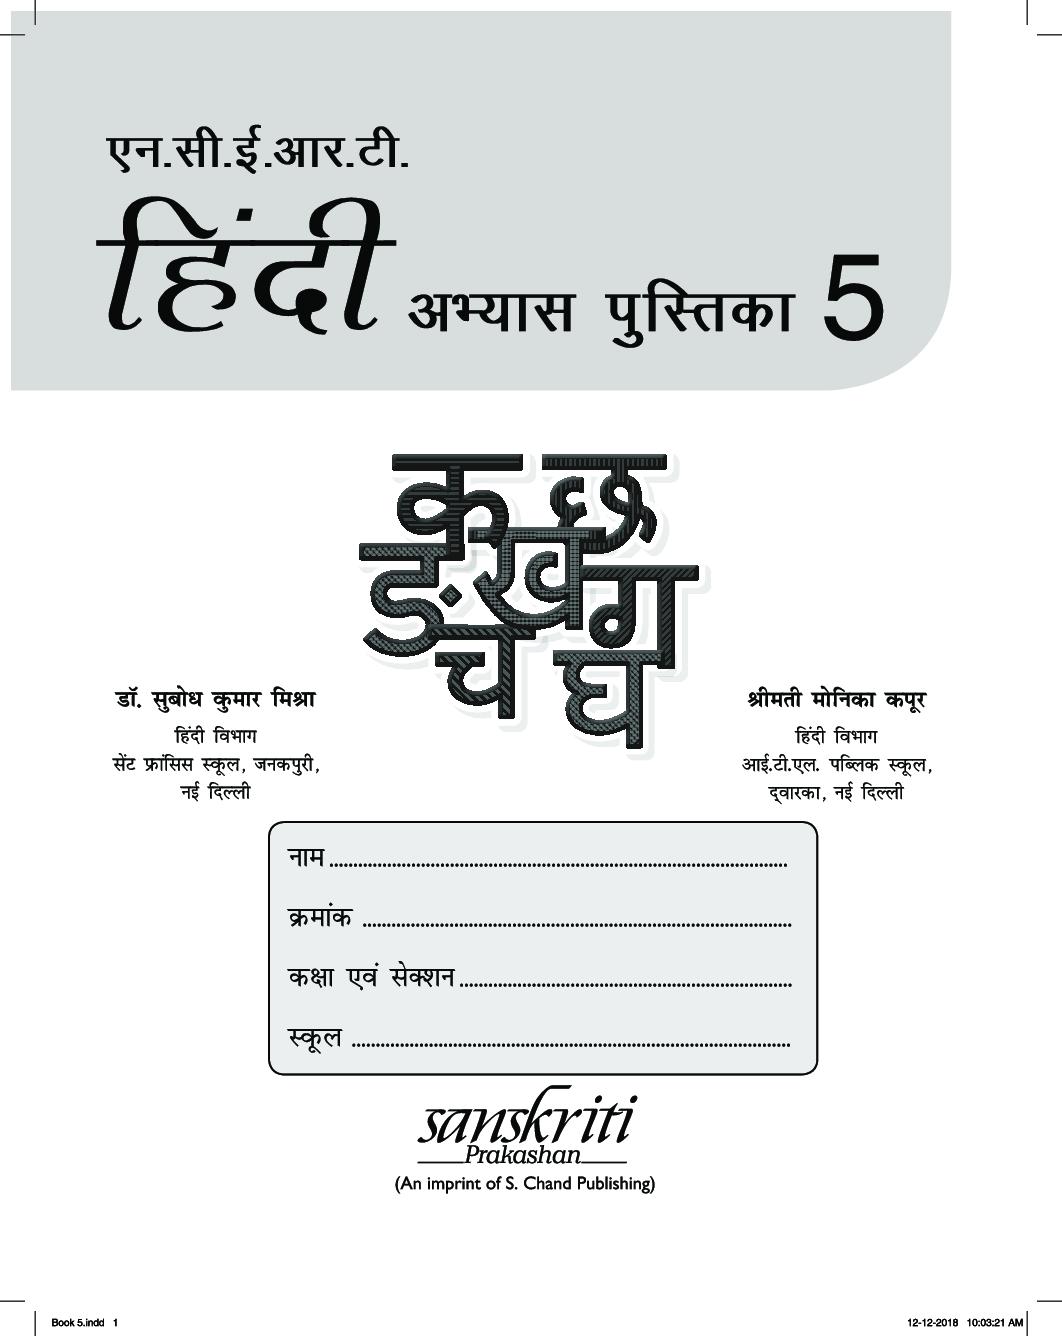 NCERT हिंदी अभ्यास पुस्तिका भाग-5 - Page 2